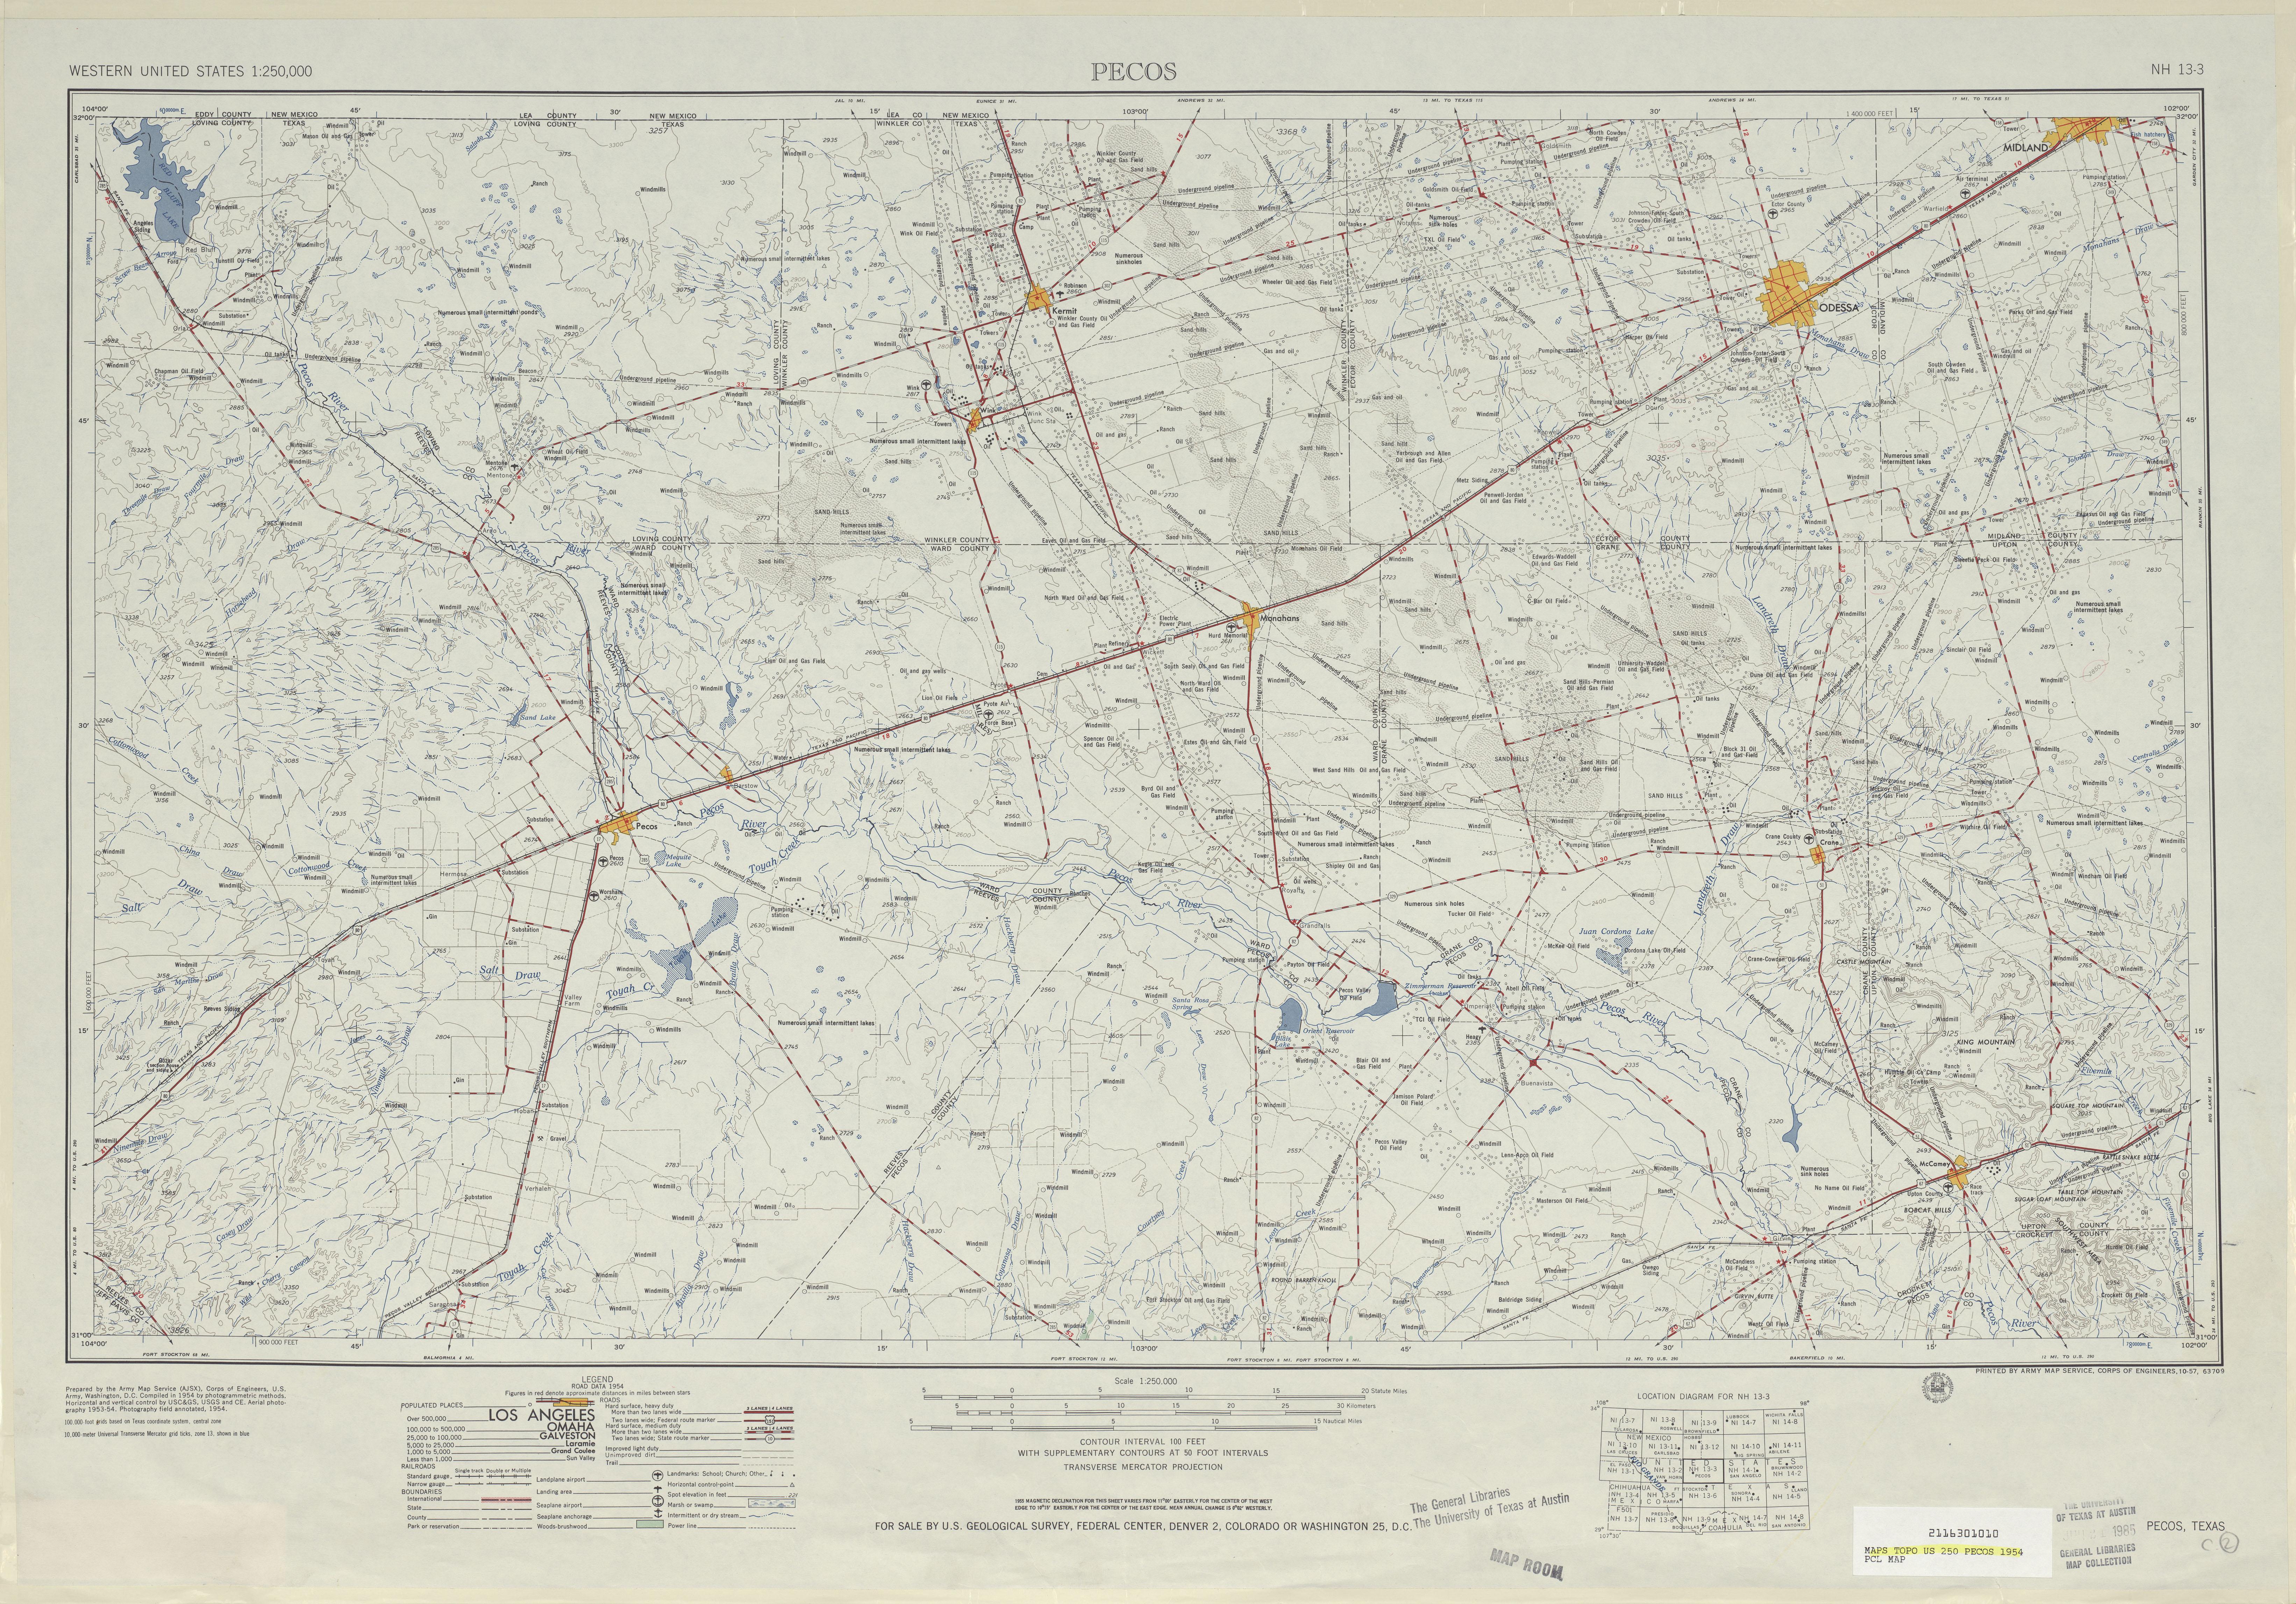 Hoja Pecos del Mapa Topográfico de los Estados Unidos 1954